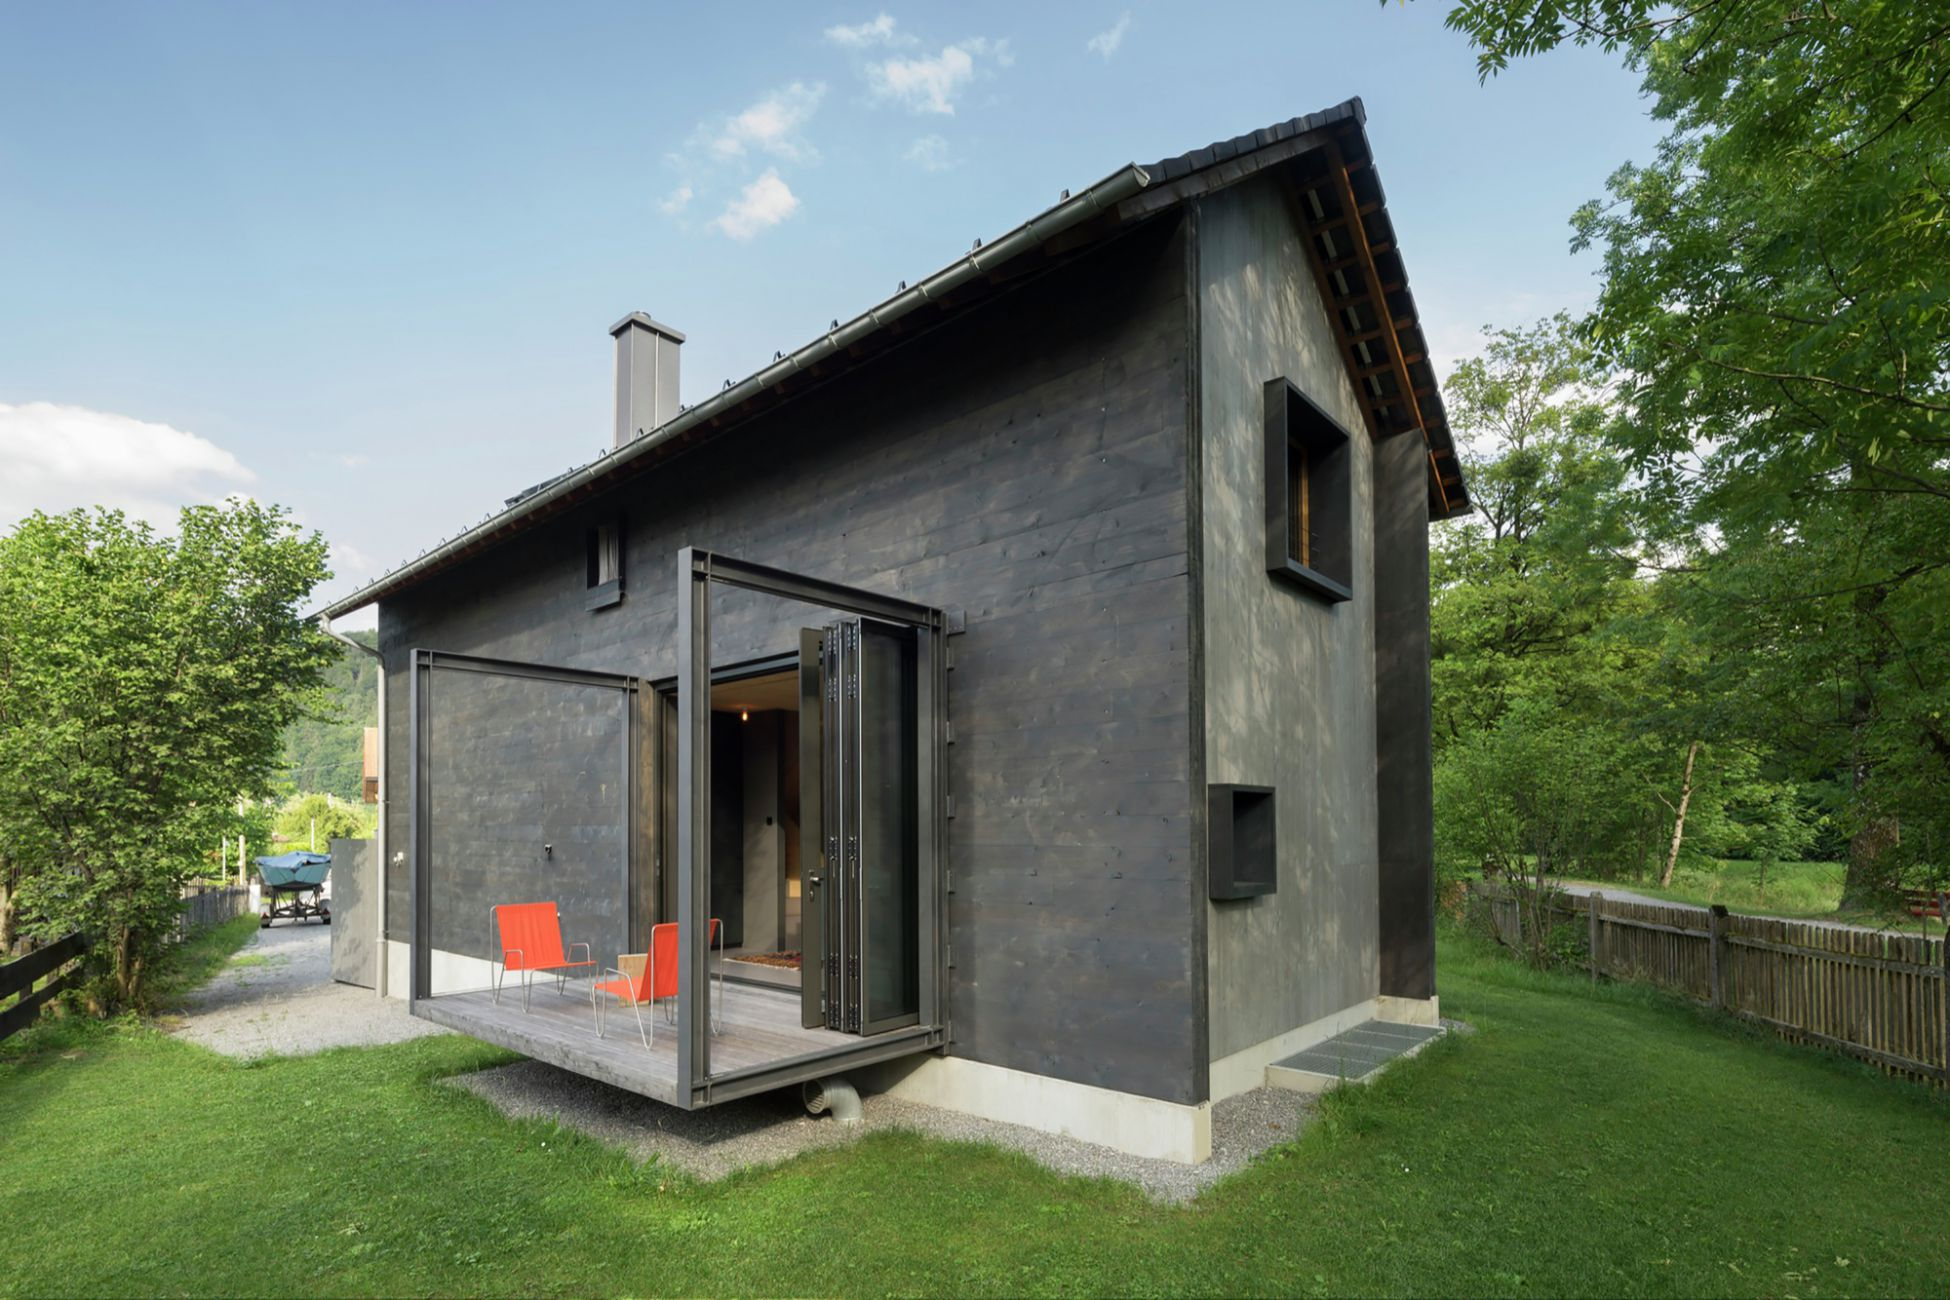 октябре позволяет авангардный дачный домик фото интерьер веранды